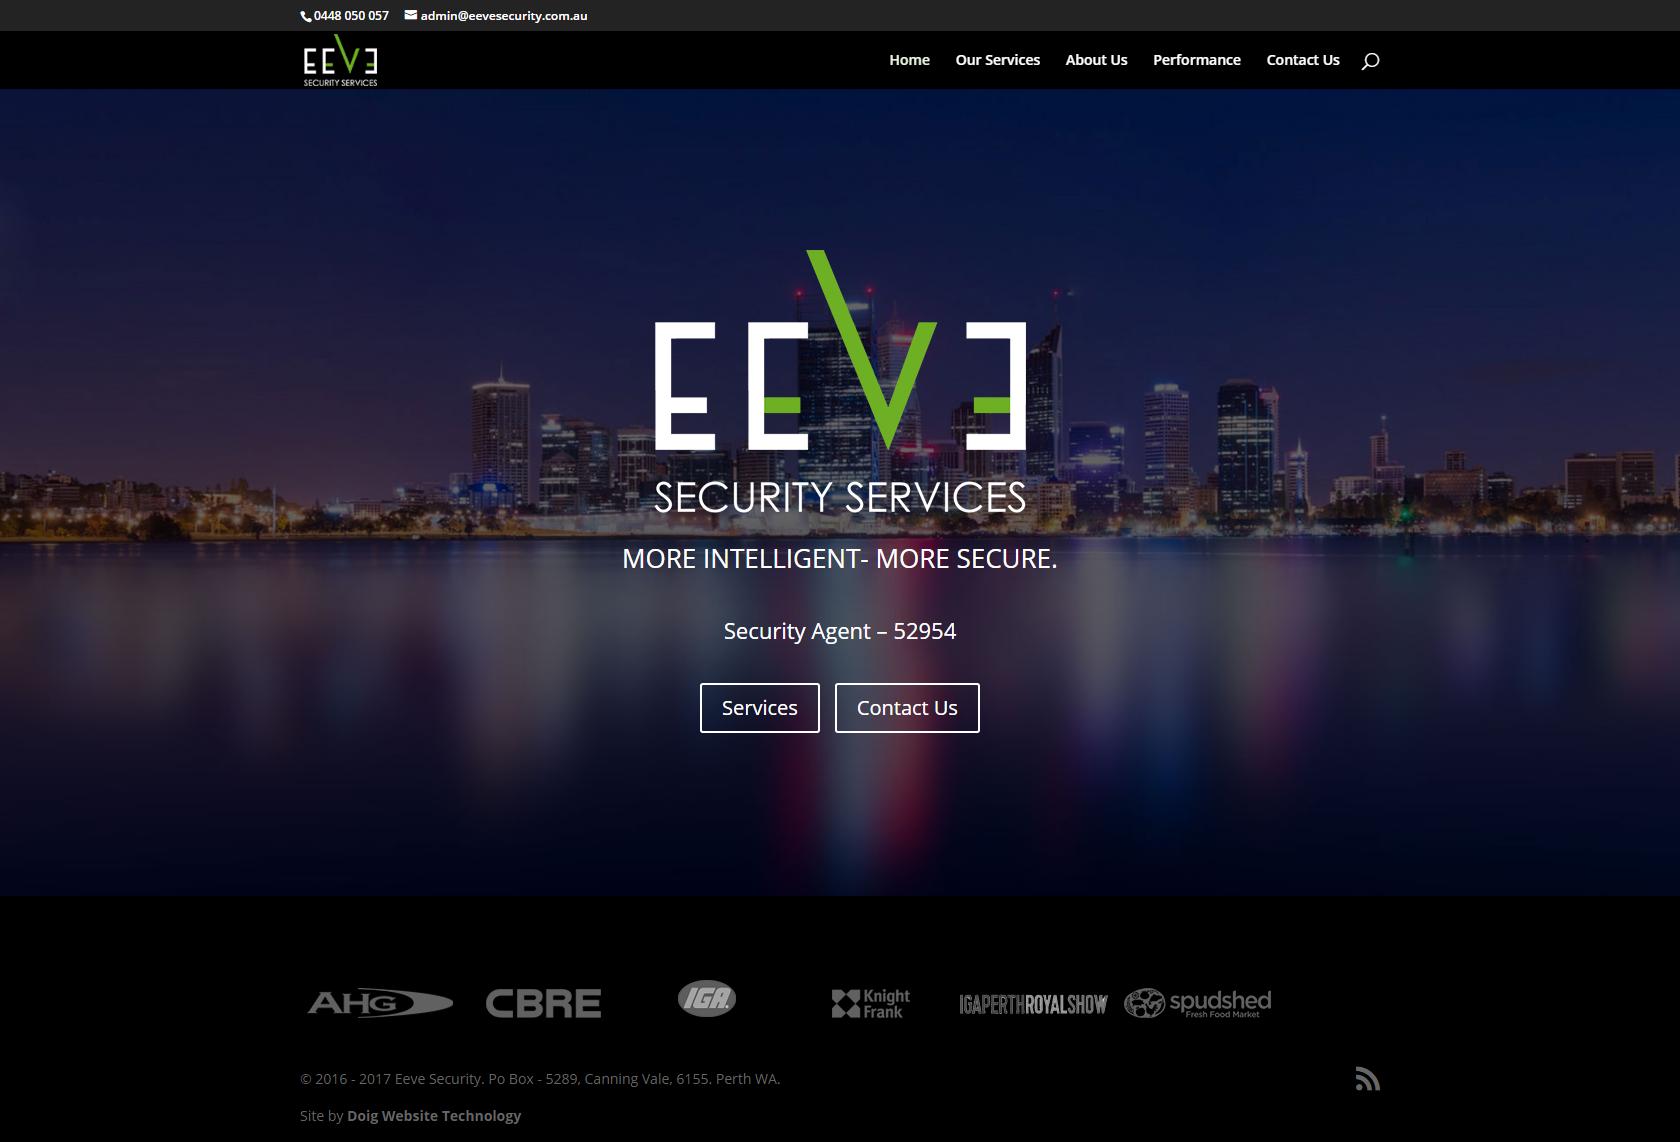 Eeve Security WordPress migration